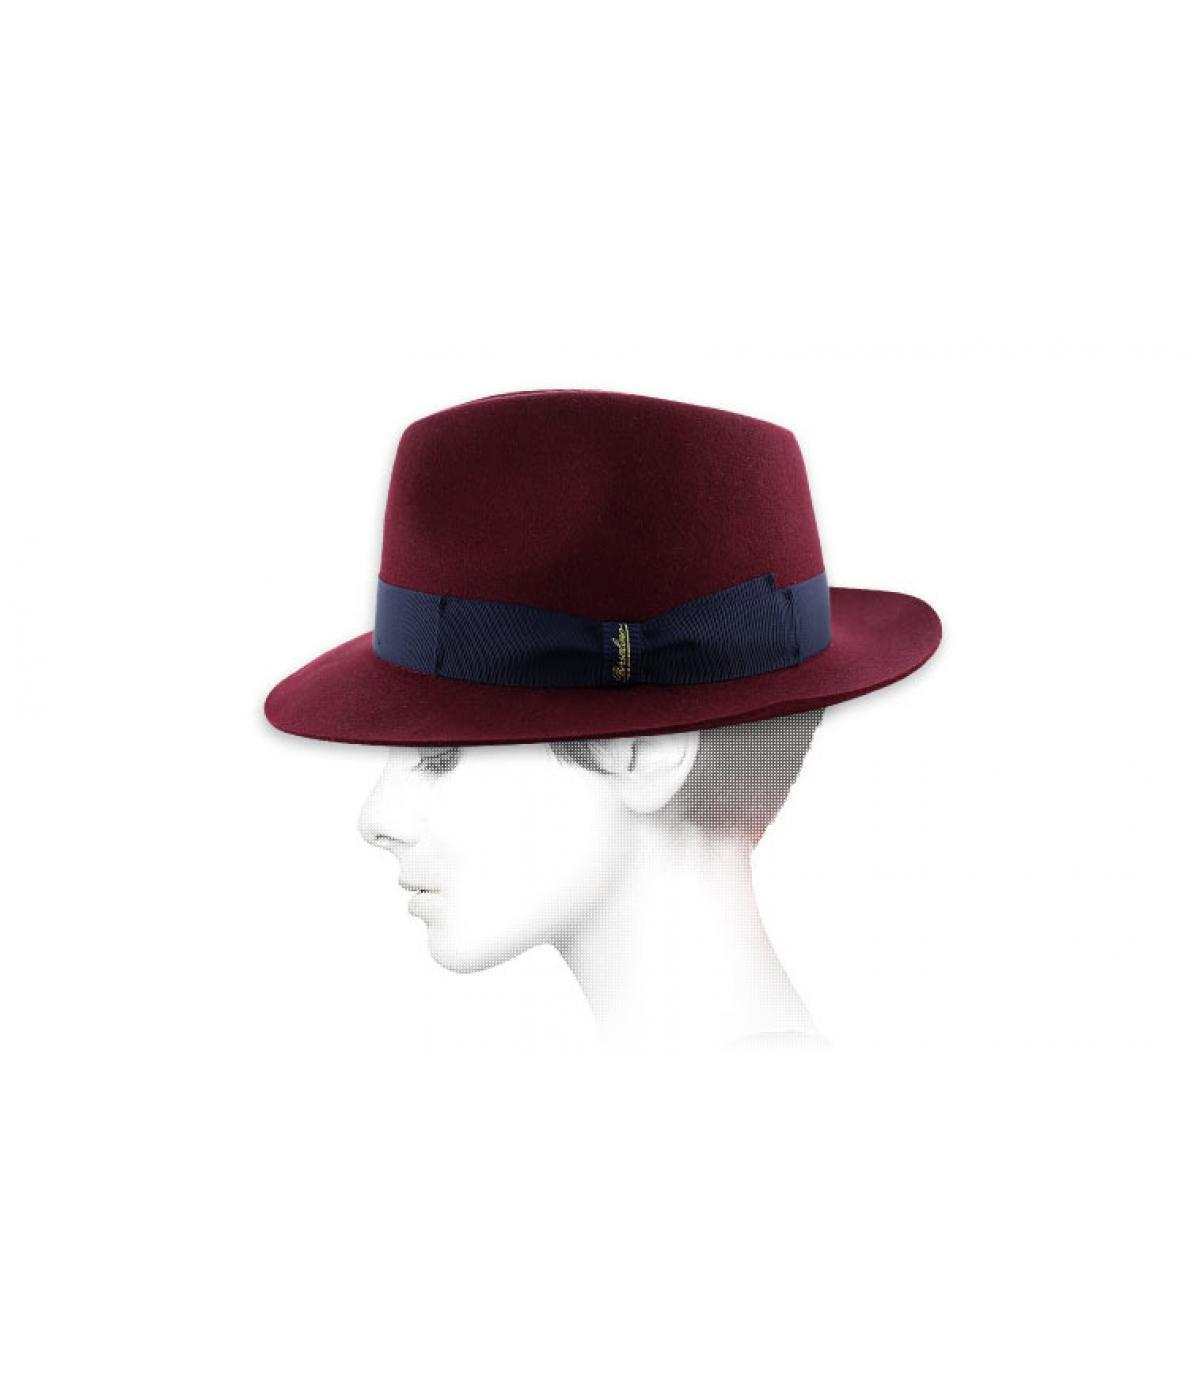 burgundy borsalino hat